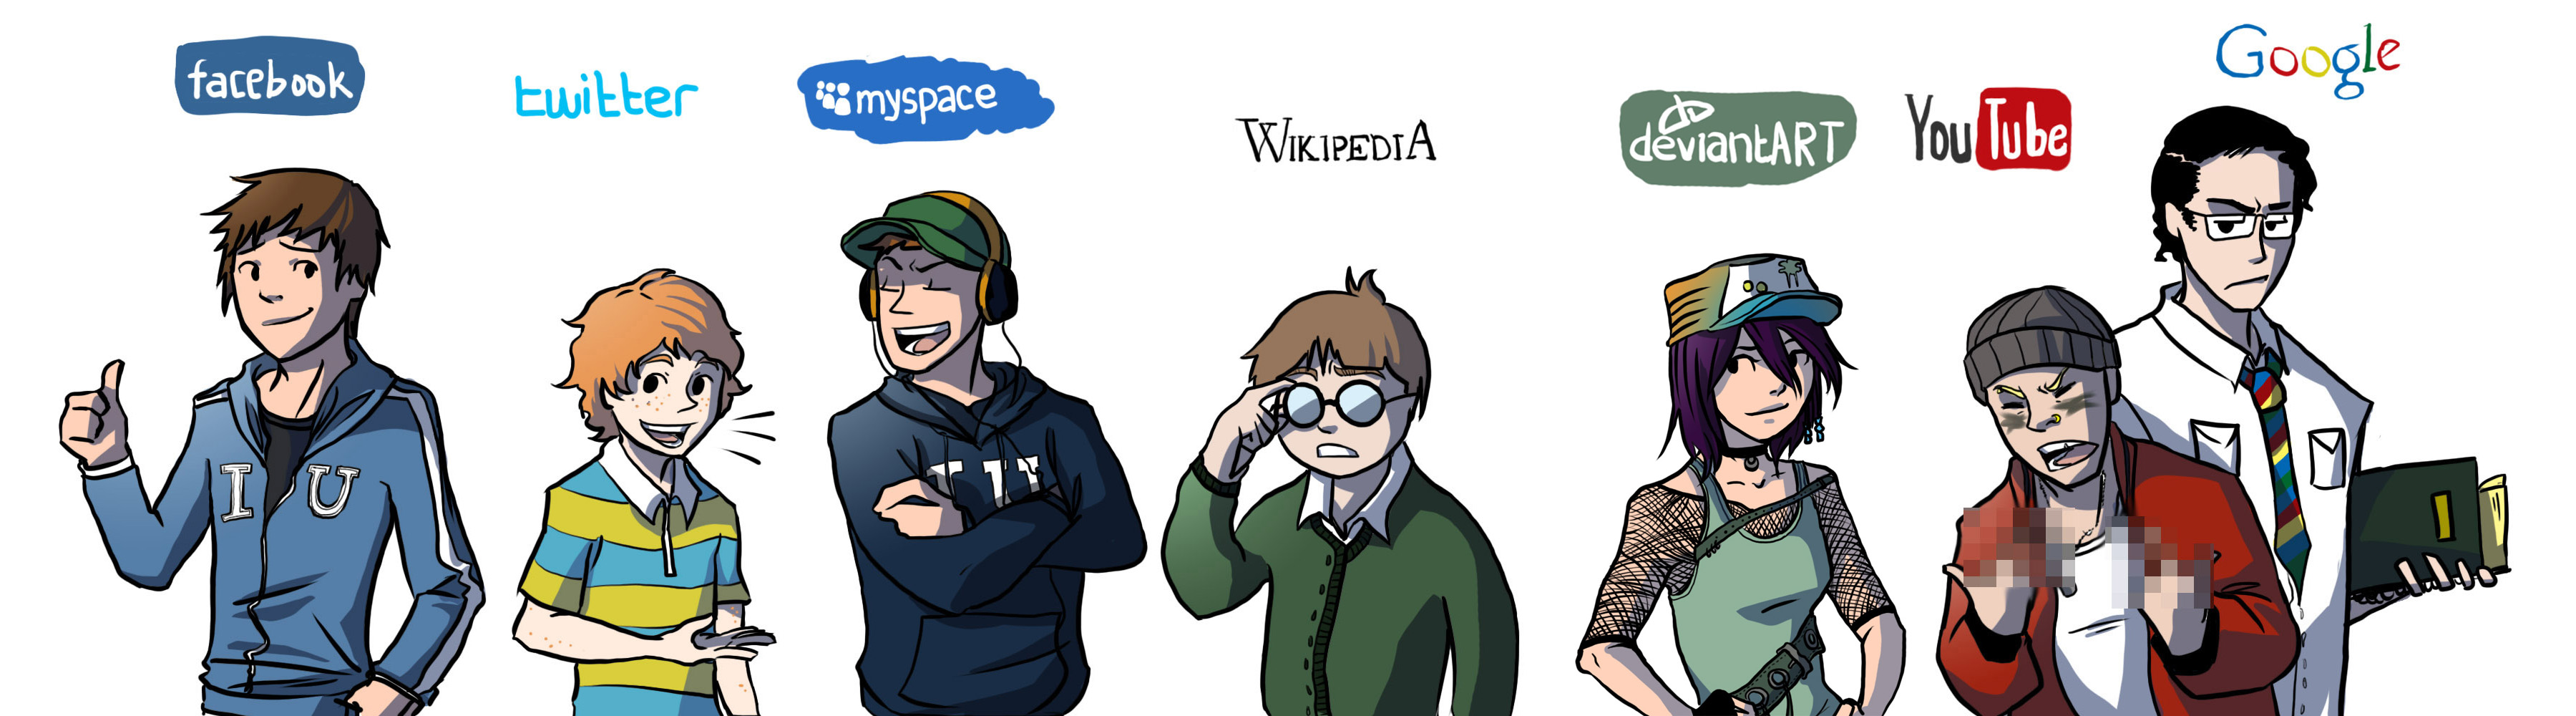 Best nerd dating website